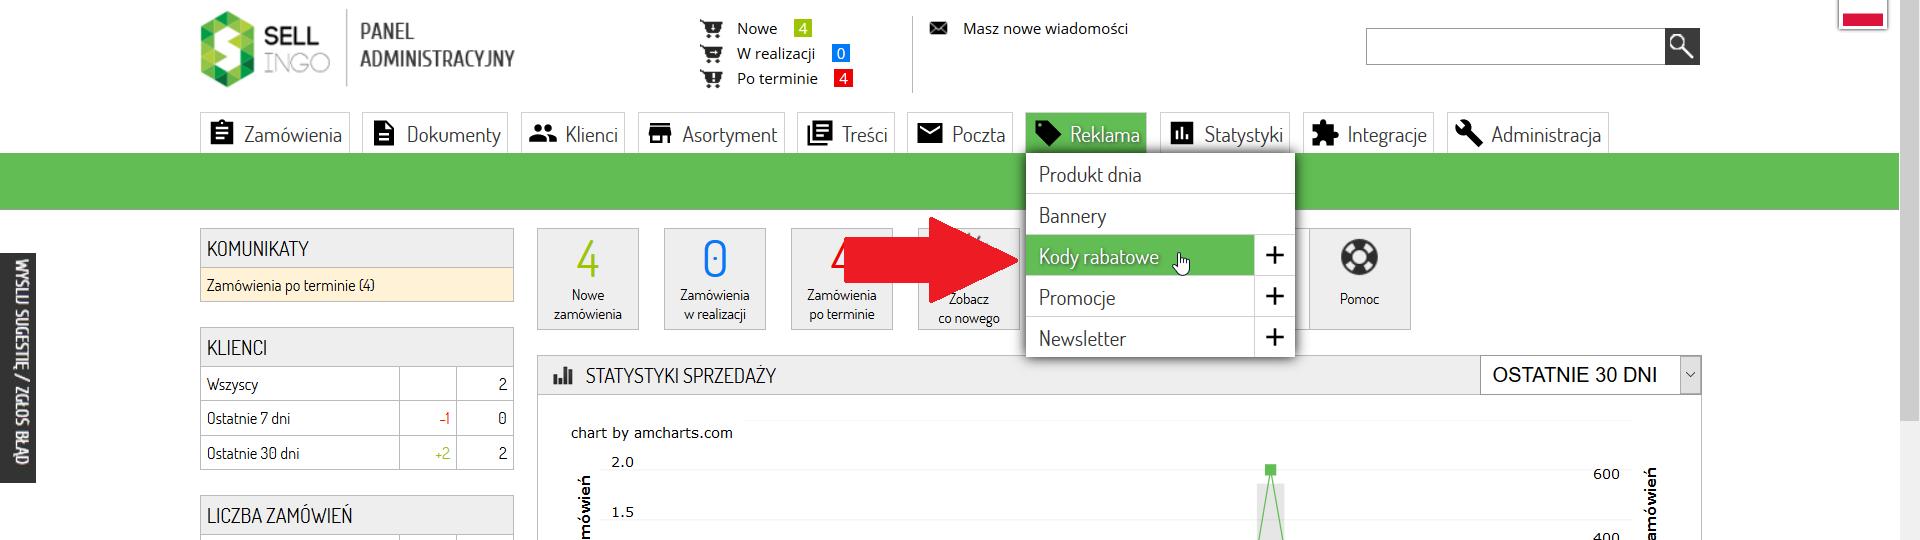 Jak Stworzyc Kod Rabatowy Wysylany Po Zapisaniu Sie Do Newslettera Sklep Internetowy Na Sellingo Darmowe Oprogramowanie